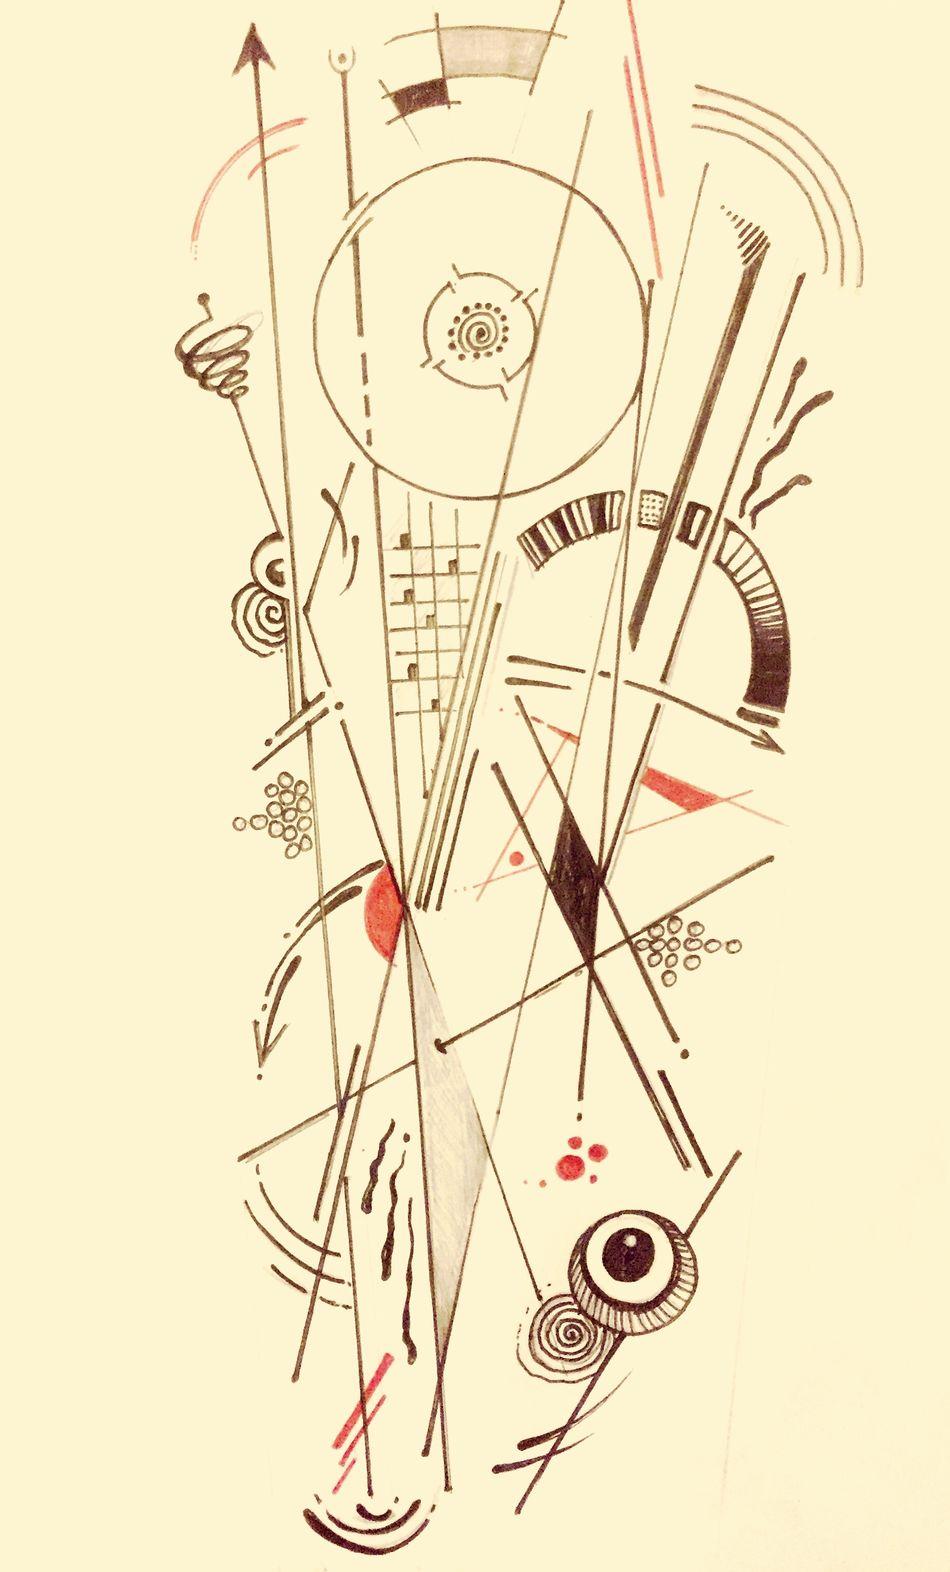 Tieumdekotattoo Tieumdeko Tattooartist  Tattoo ❤ Art, Drawing, Creativity Tattoos Tatto Amazing Design Tattoo Ink Oldschool Classic Drawing Draw Dessin Kandinsky